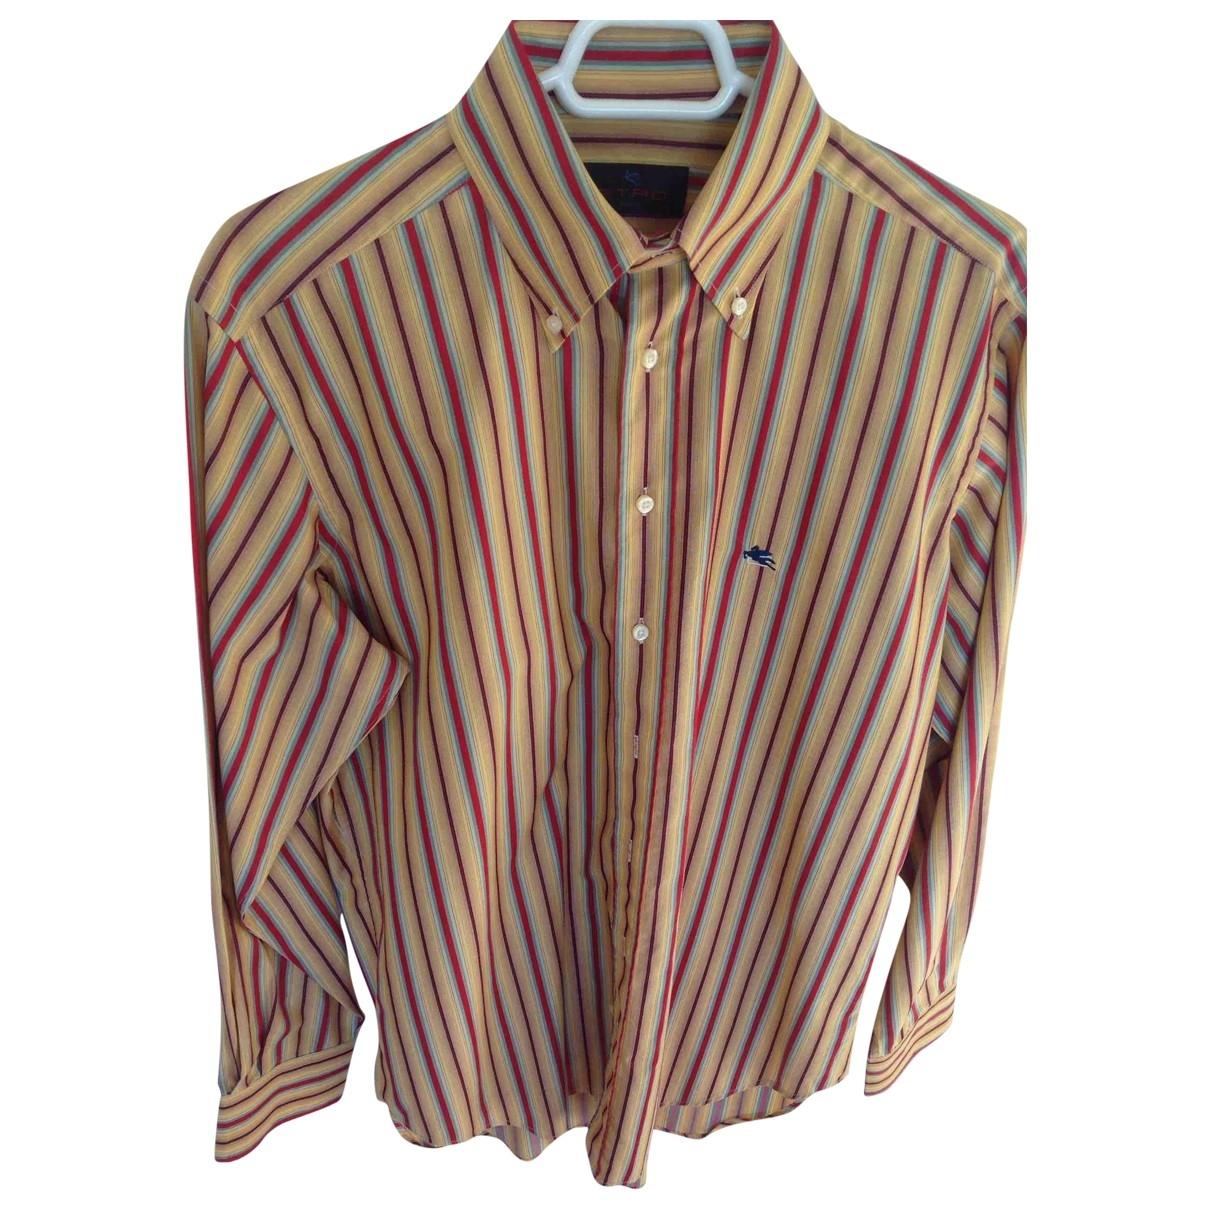 Etro \N Cotton Shirts for Men 41 EU (tour de cou / collar)